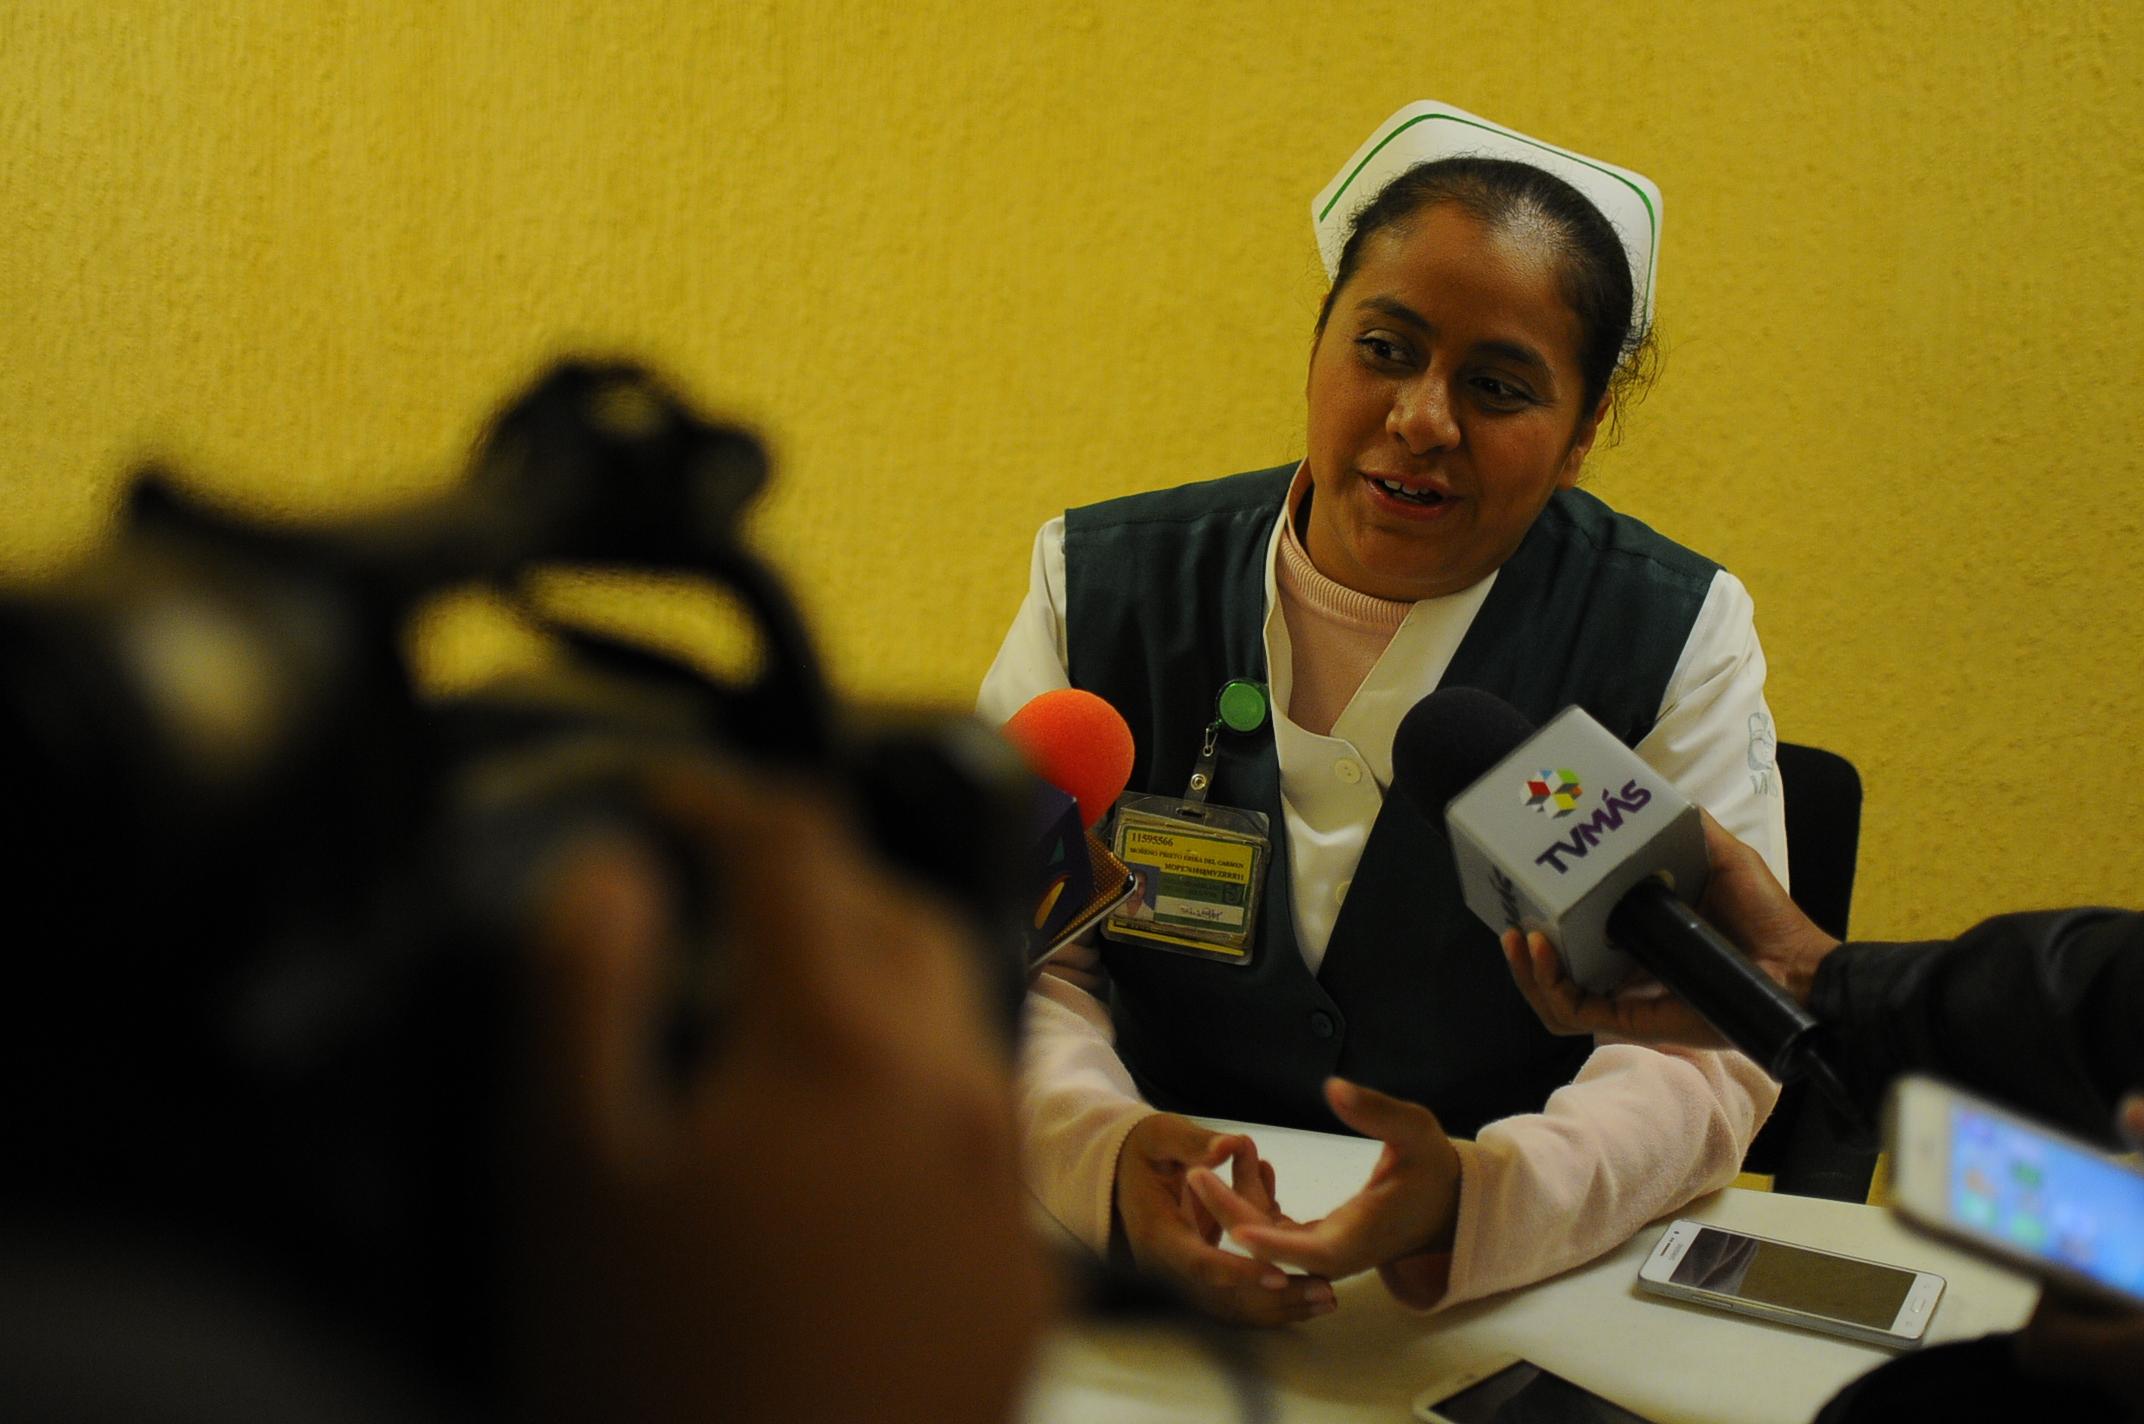 Ni las balaceras distraen a enfermeros y enfermeras de su labor